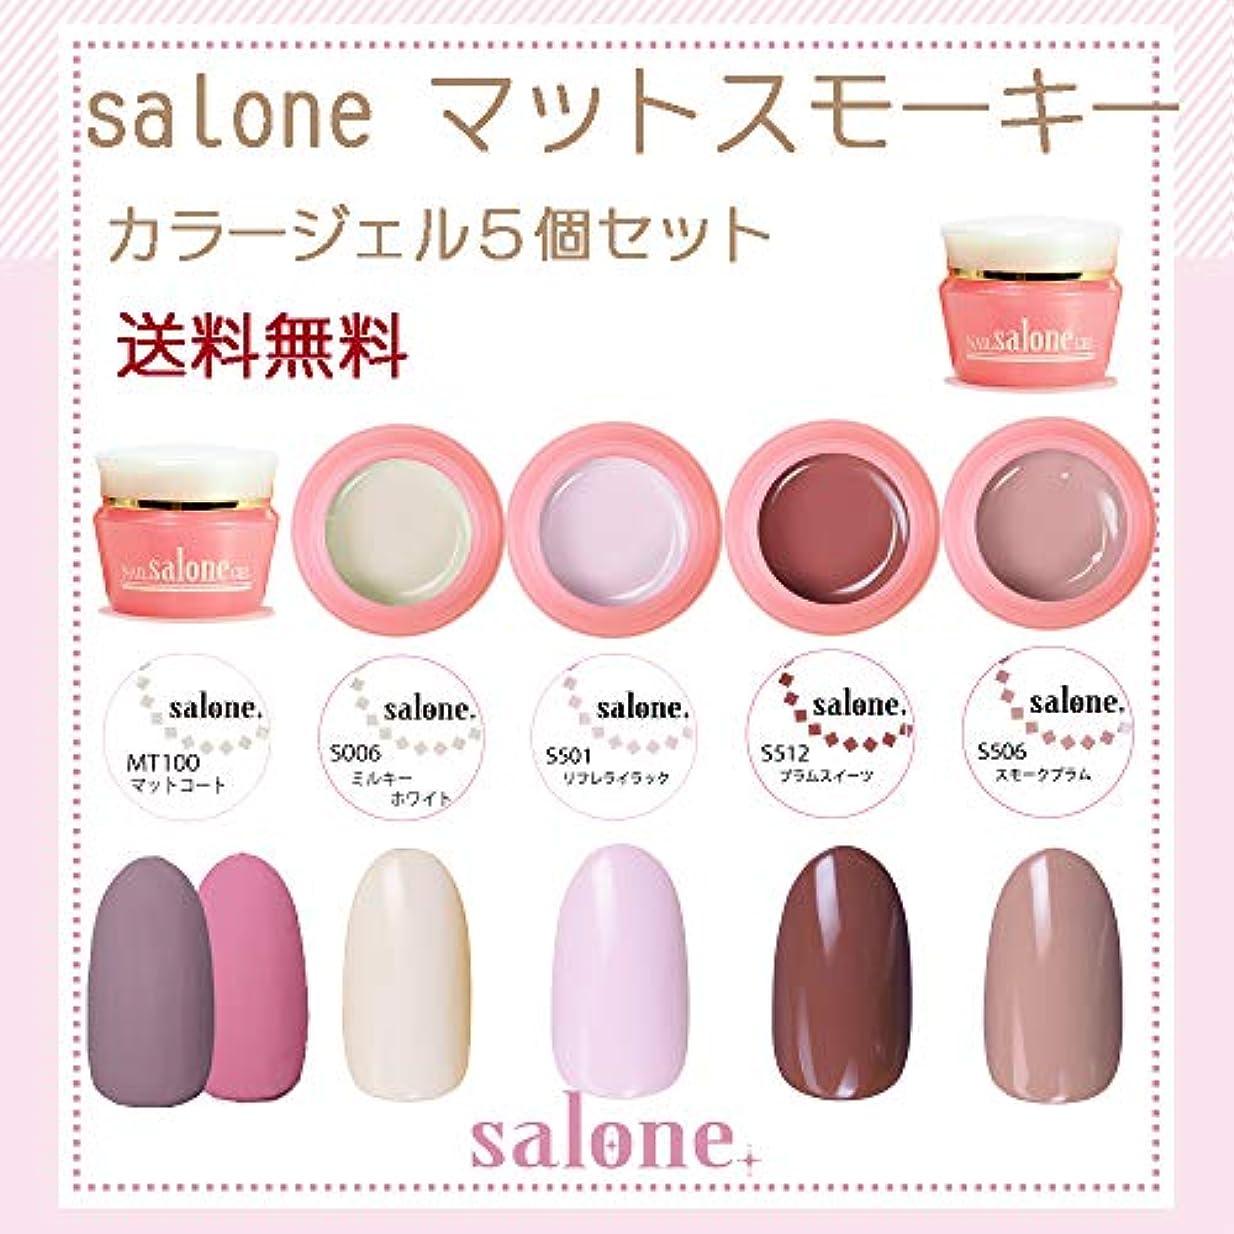 裕福なほとんどないほとんどない【送料無料 日本製】Salone スモーキーマットスモーキー カラージェル5個セット ネイルのマストアイテムのマットトップ